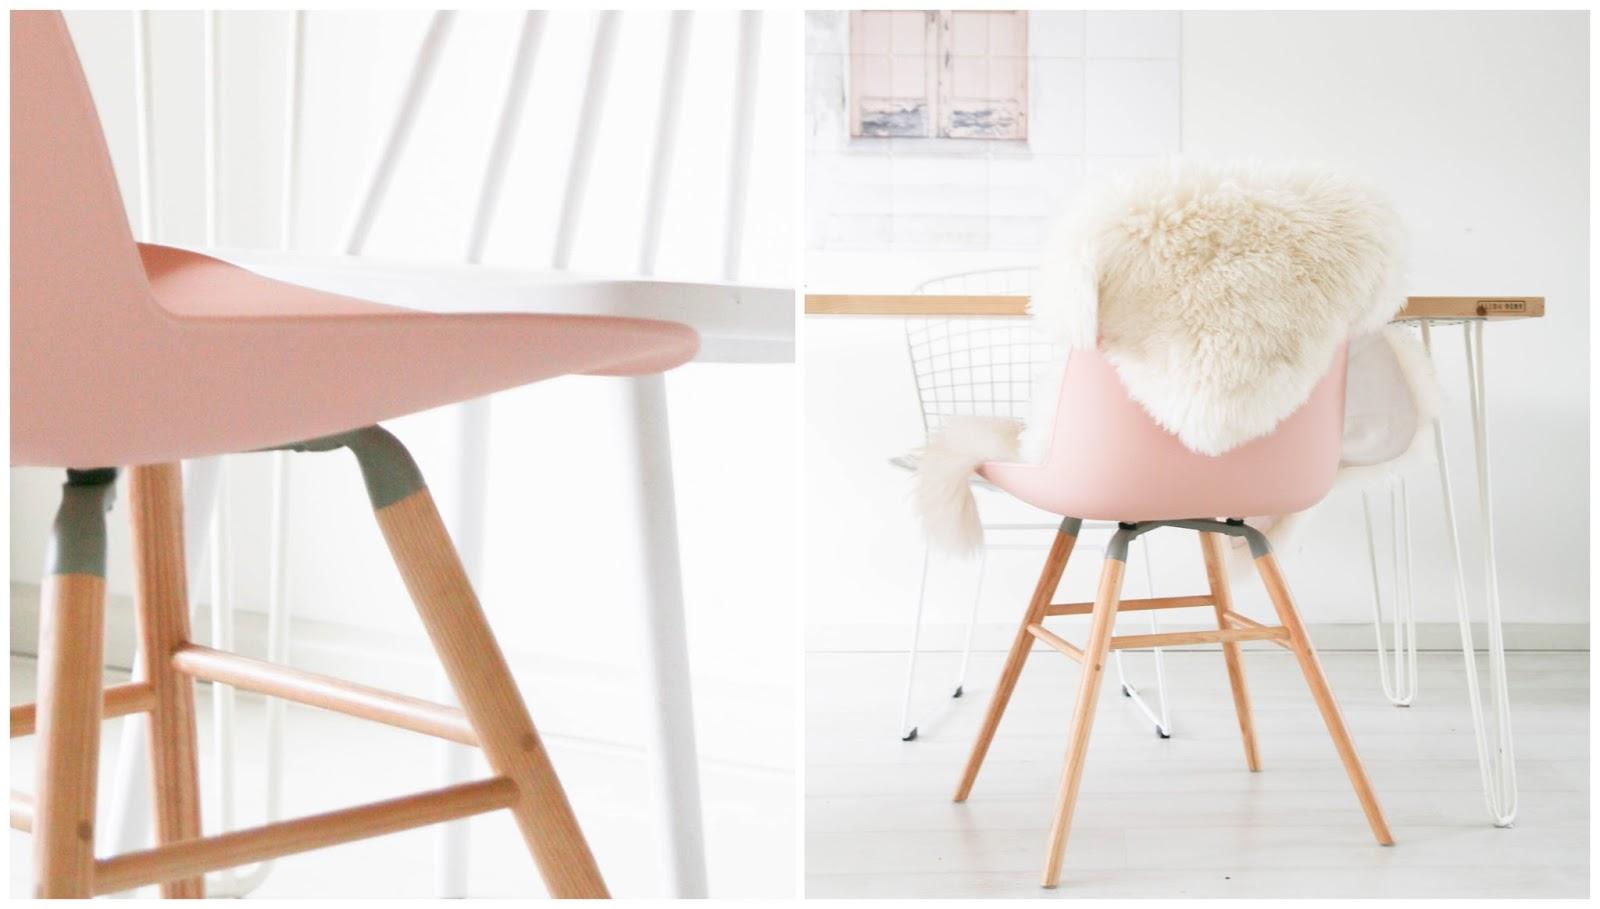 Licht Roze Stoel : Roze stoelen voor een speels accent ▷ bij westwingnow